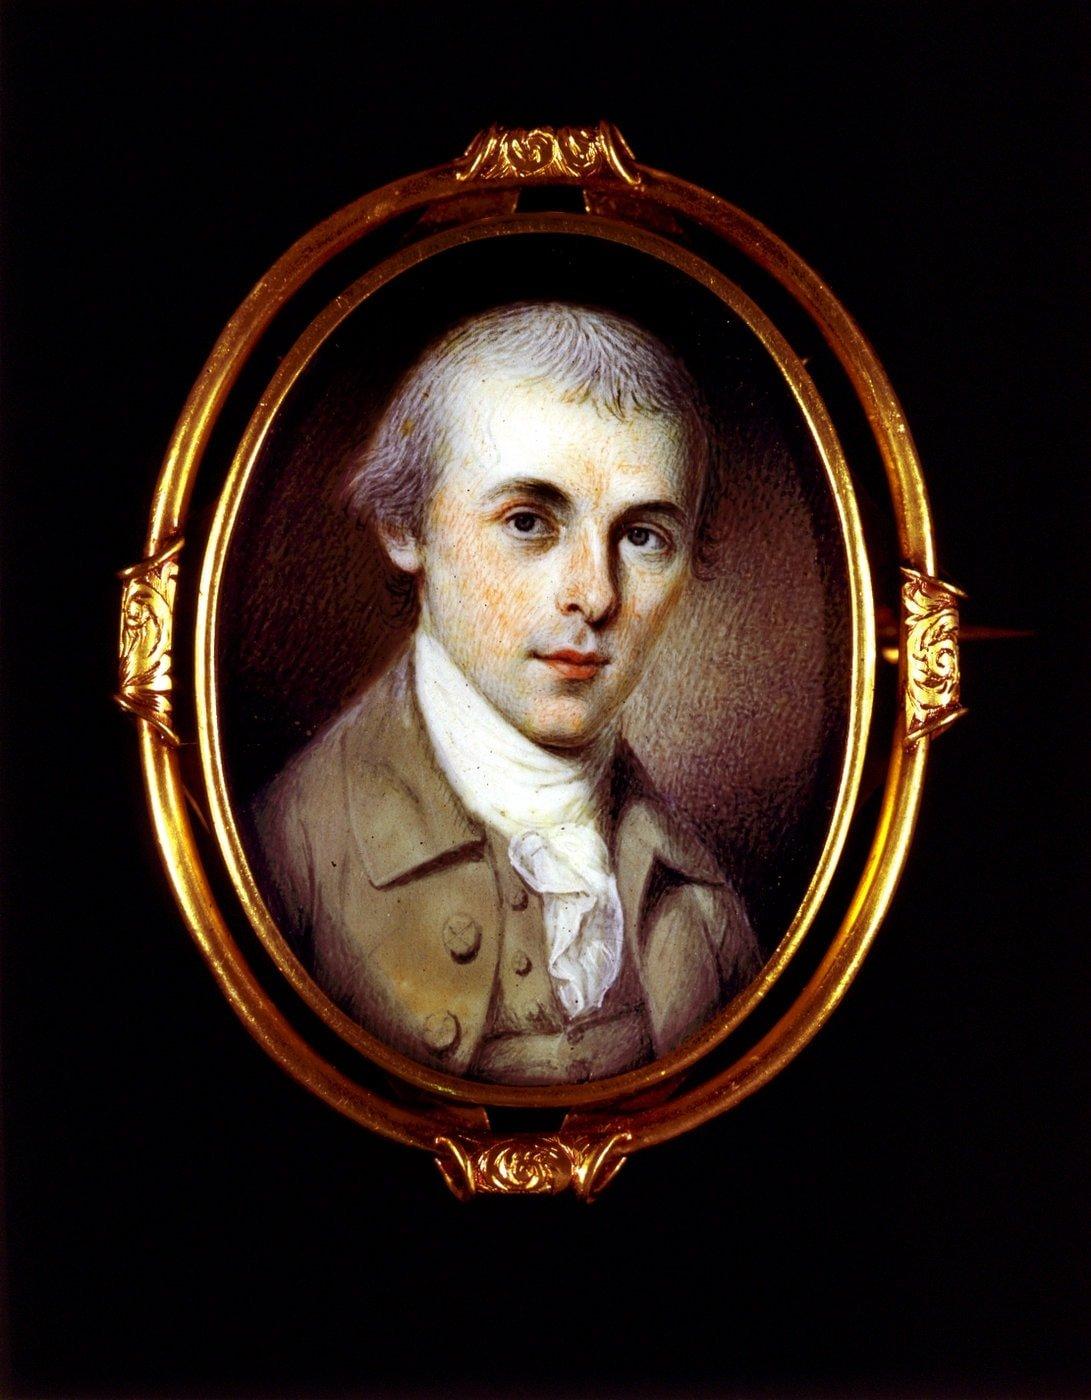 James Madison, bust portrait miniature 1700s